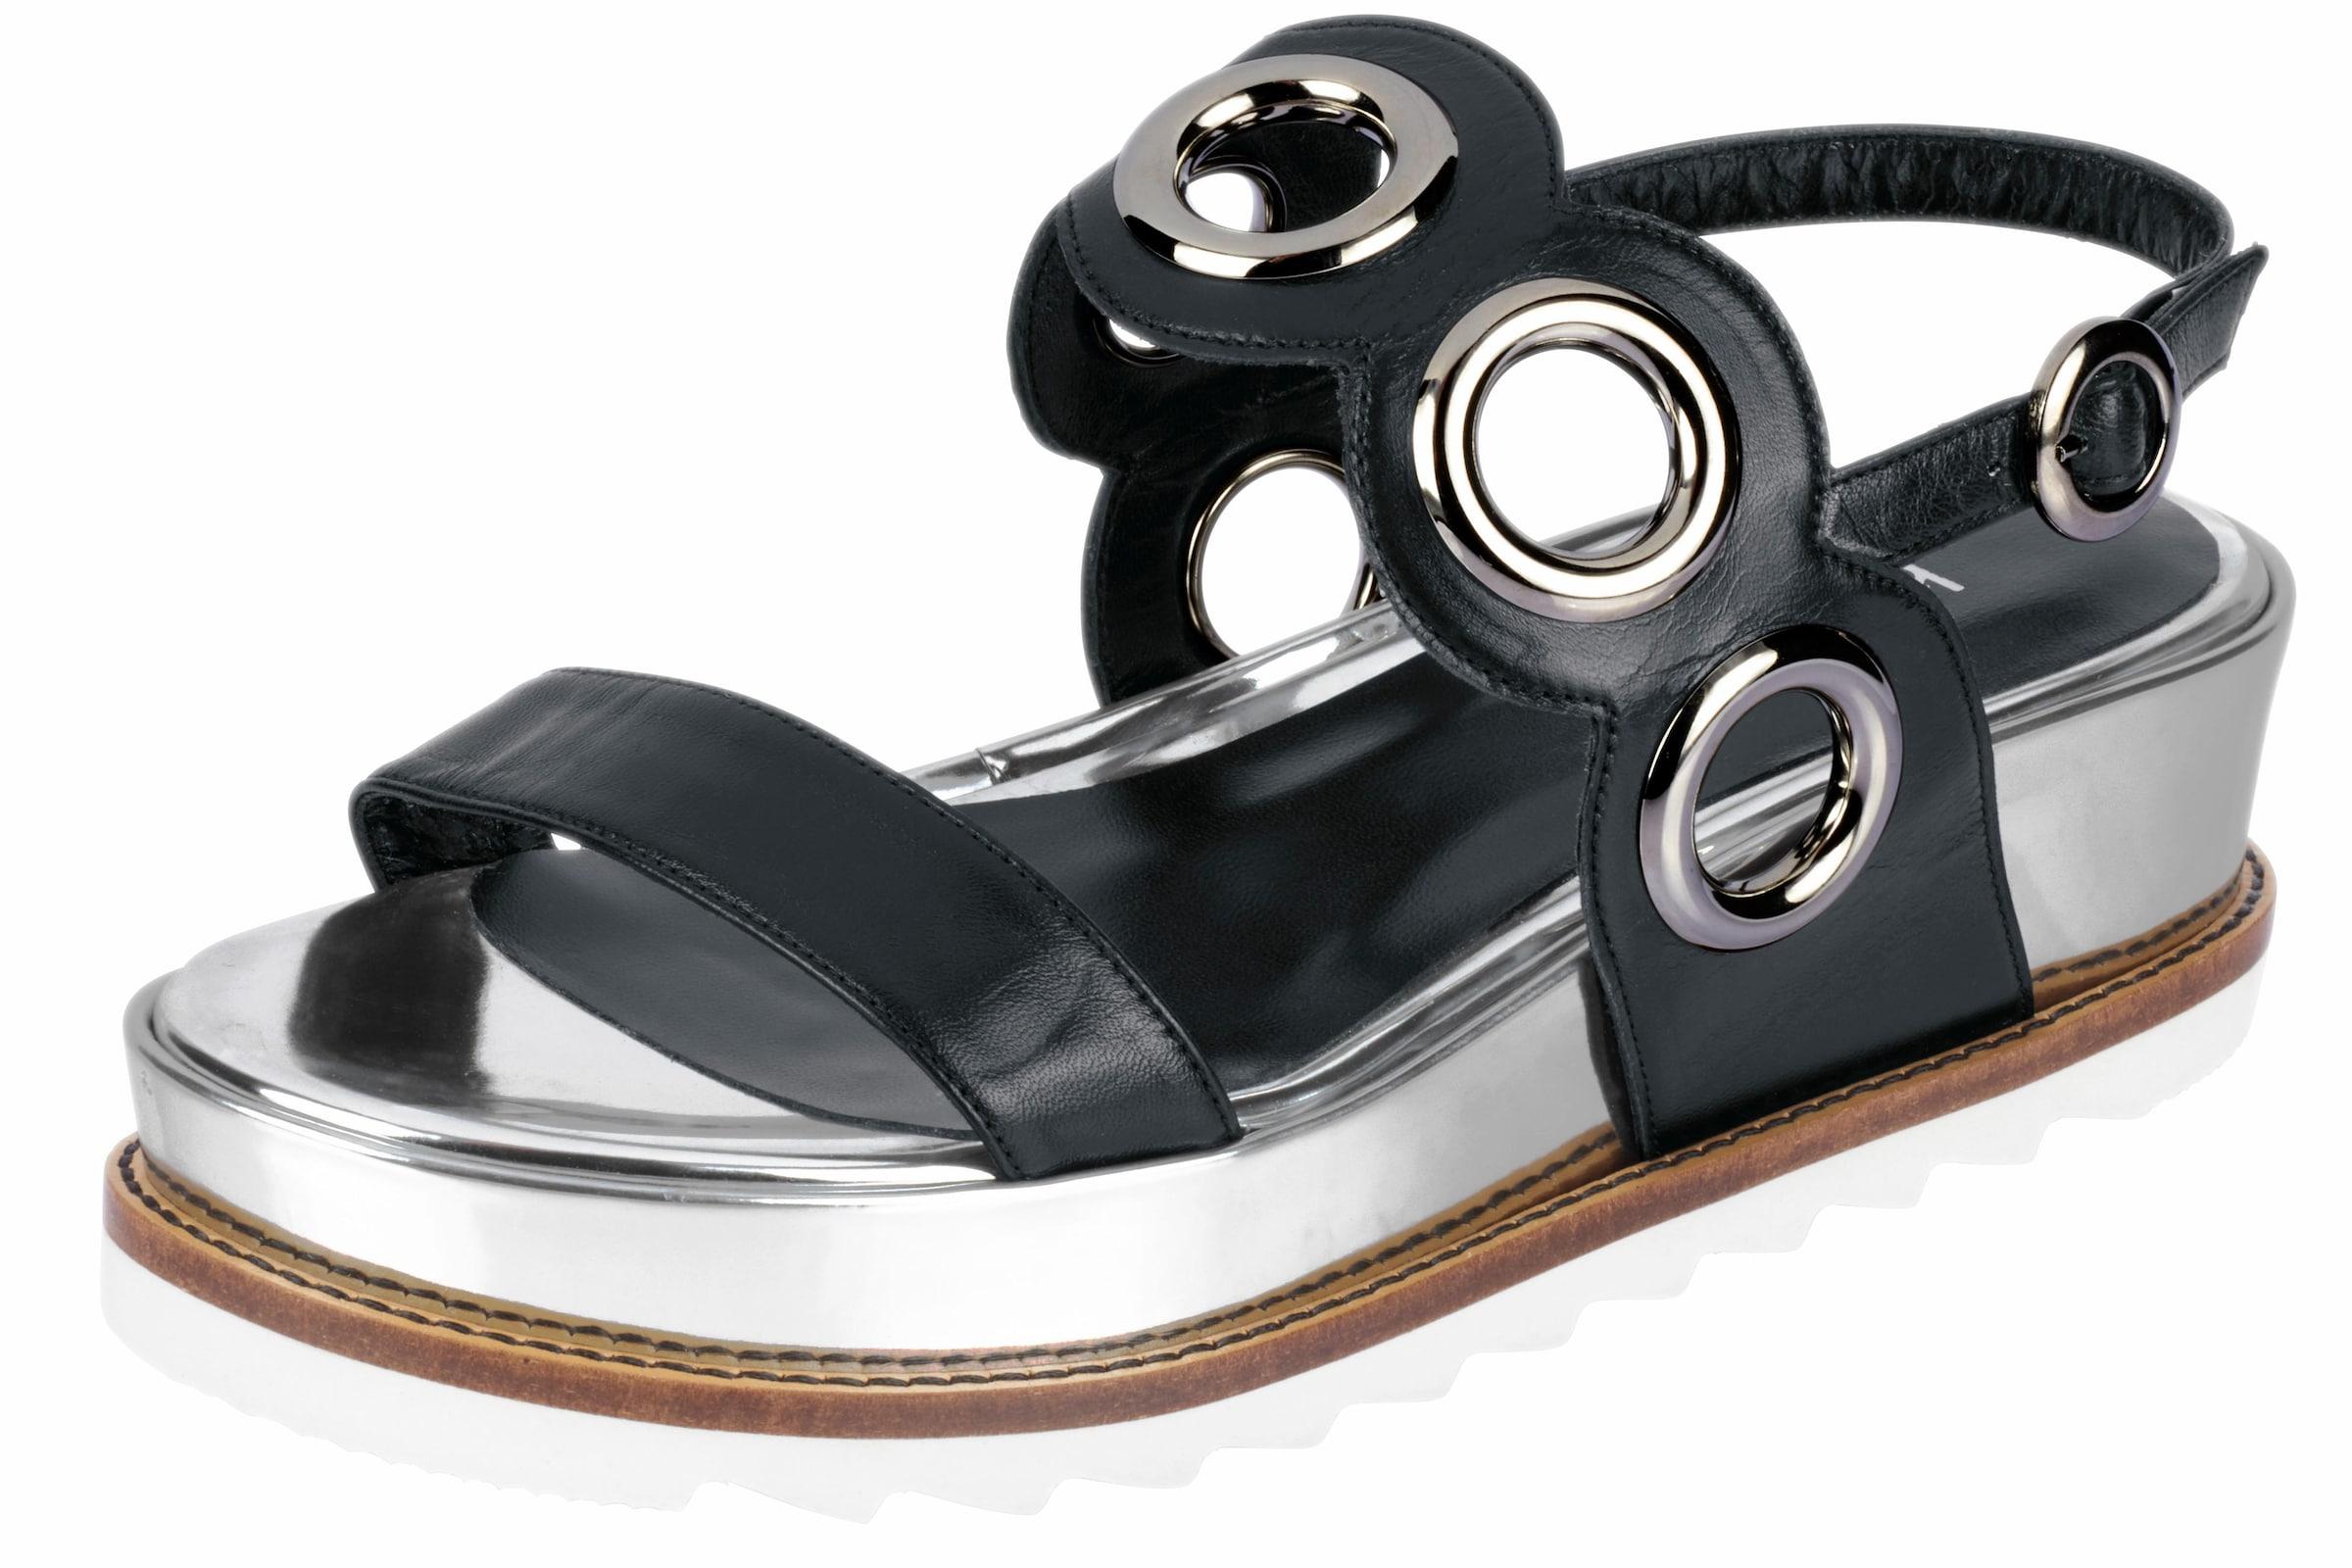 heine Sandalette mit Plateau-Sohle Günstige und langlebige Schuhe